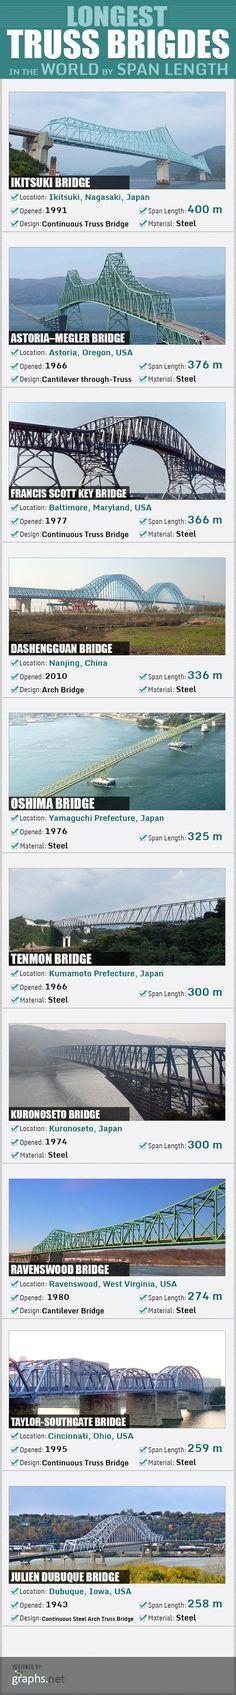 World's Longest Steel Truss Bridges By Span Length